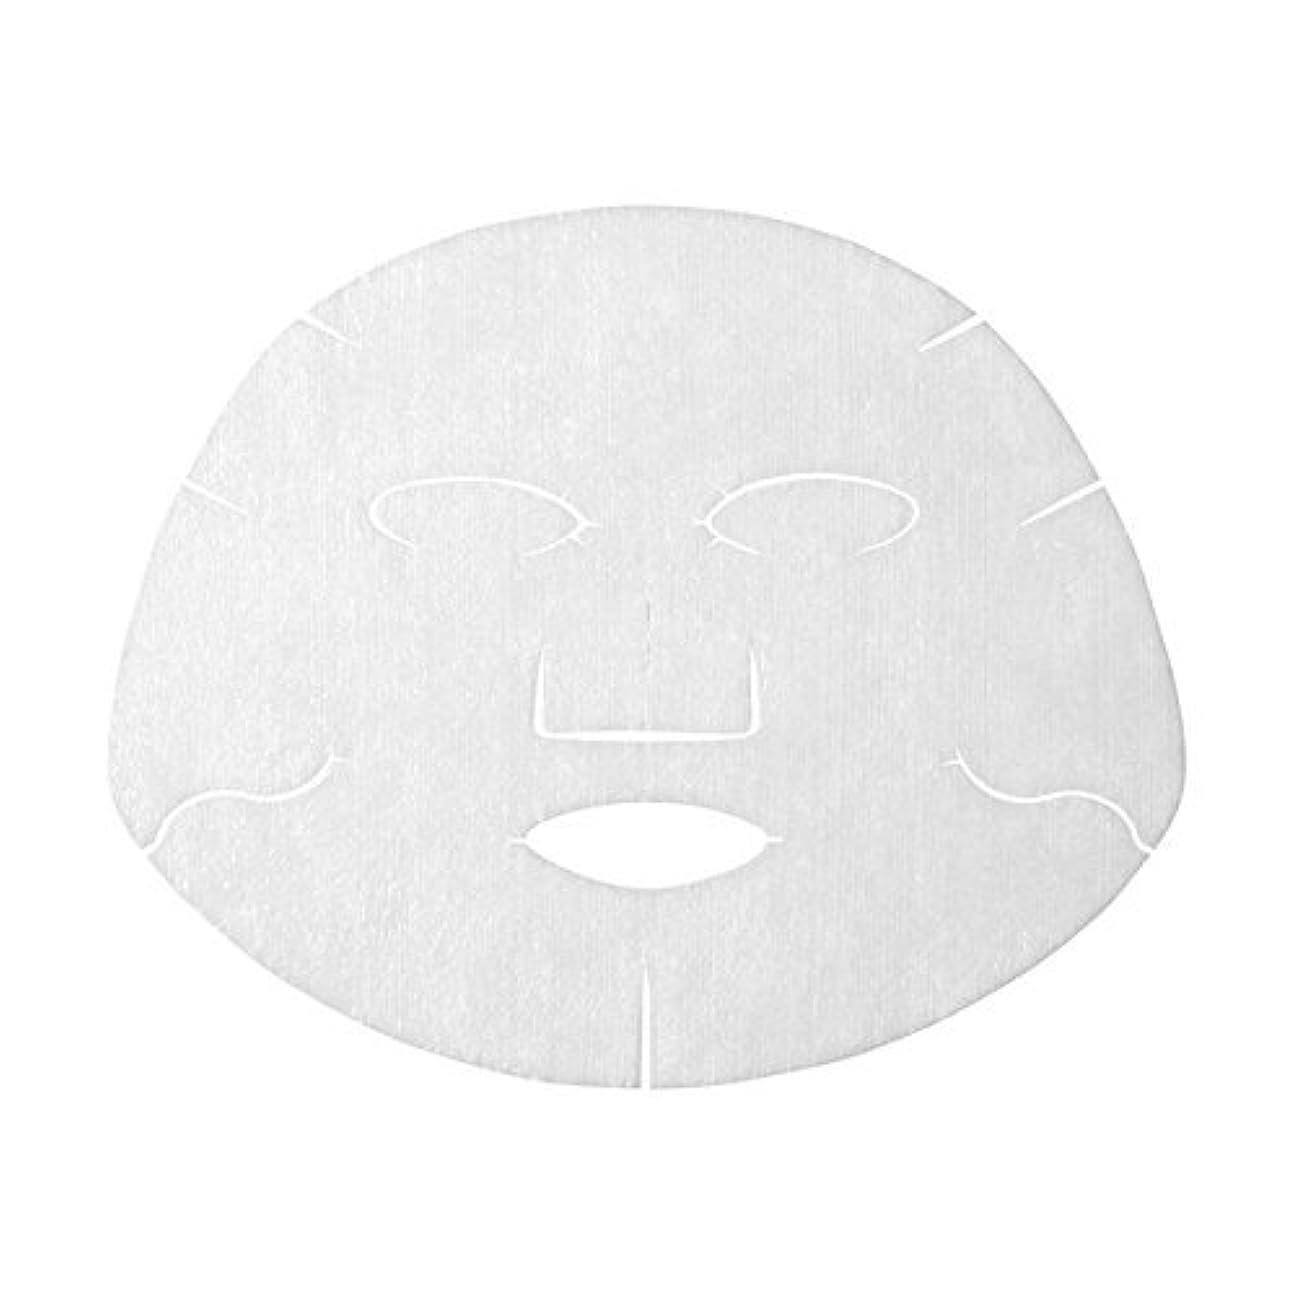 巻き戻す推論絶え間ないアクアレーベル モイストチャージマスク <1枚入り> 23mLX1枚 ×3個